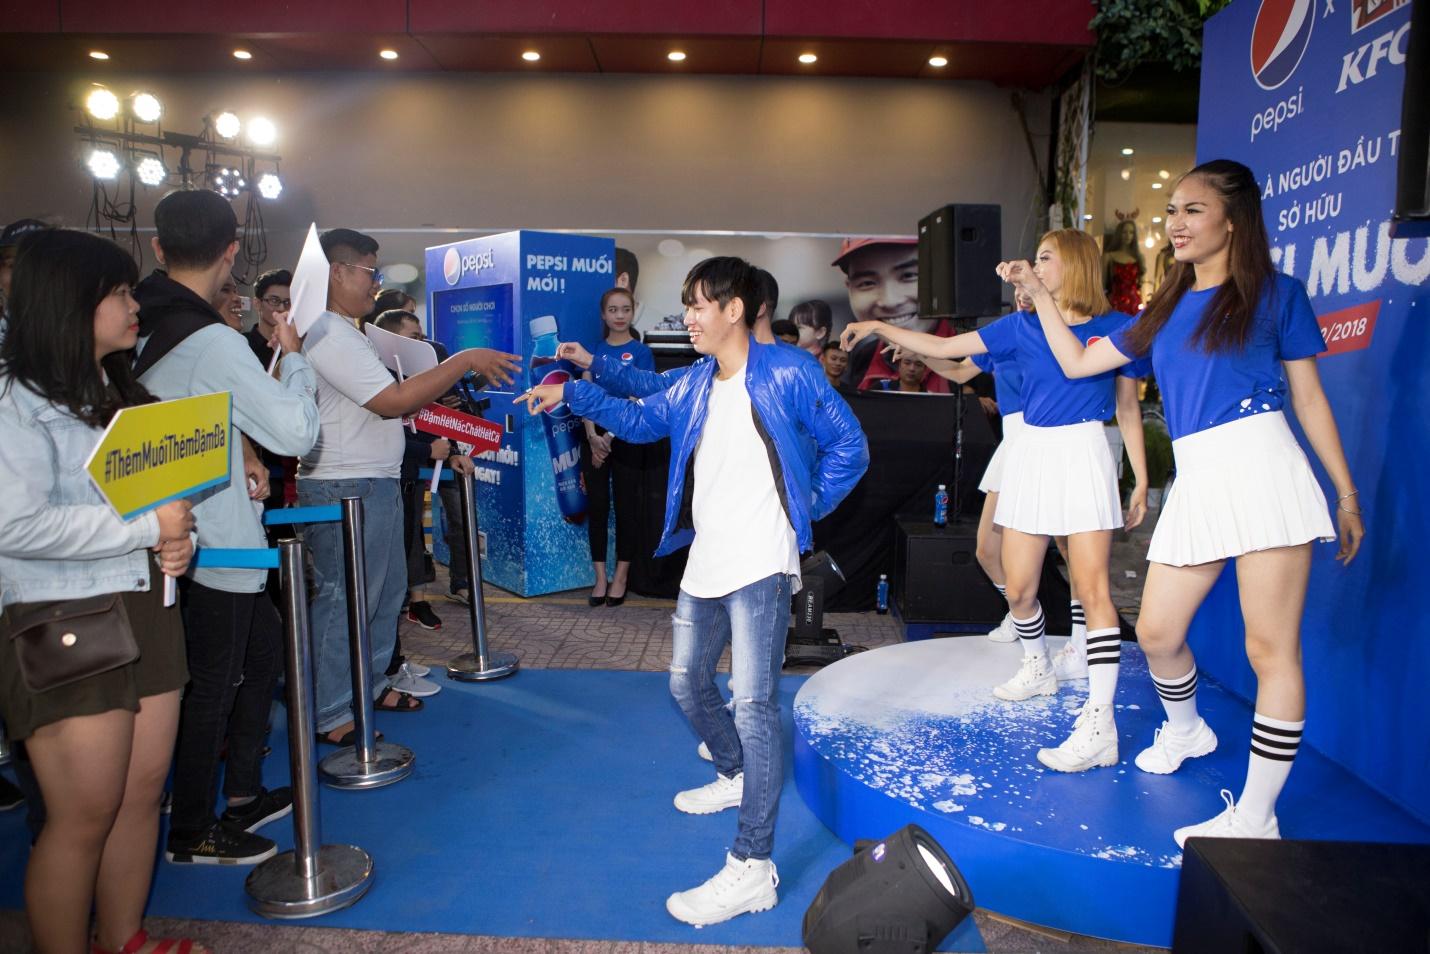 """Thật bất ngờ: Pepsi Muối ra mắt hoành tráng khiến người hâm mộ ví như """"iPhone"""" của làng nước giải khát - Ảnh 6."""